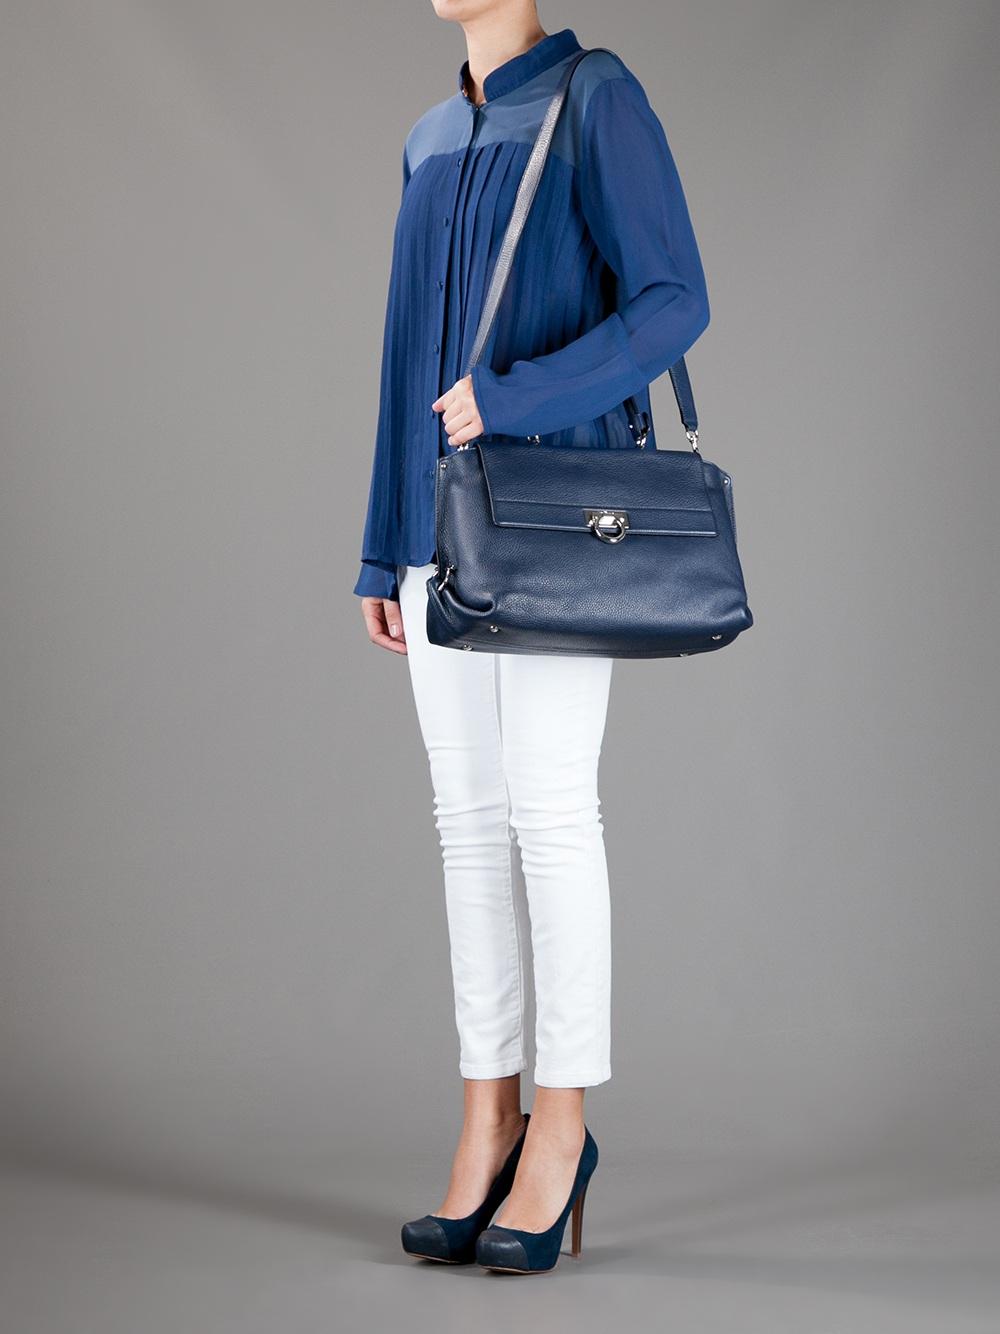 Lyst - Ferragamo Sofia Bag in Blue 916b1a56350da